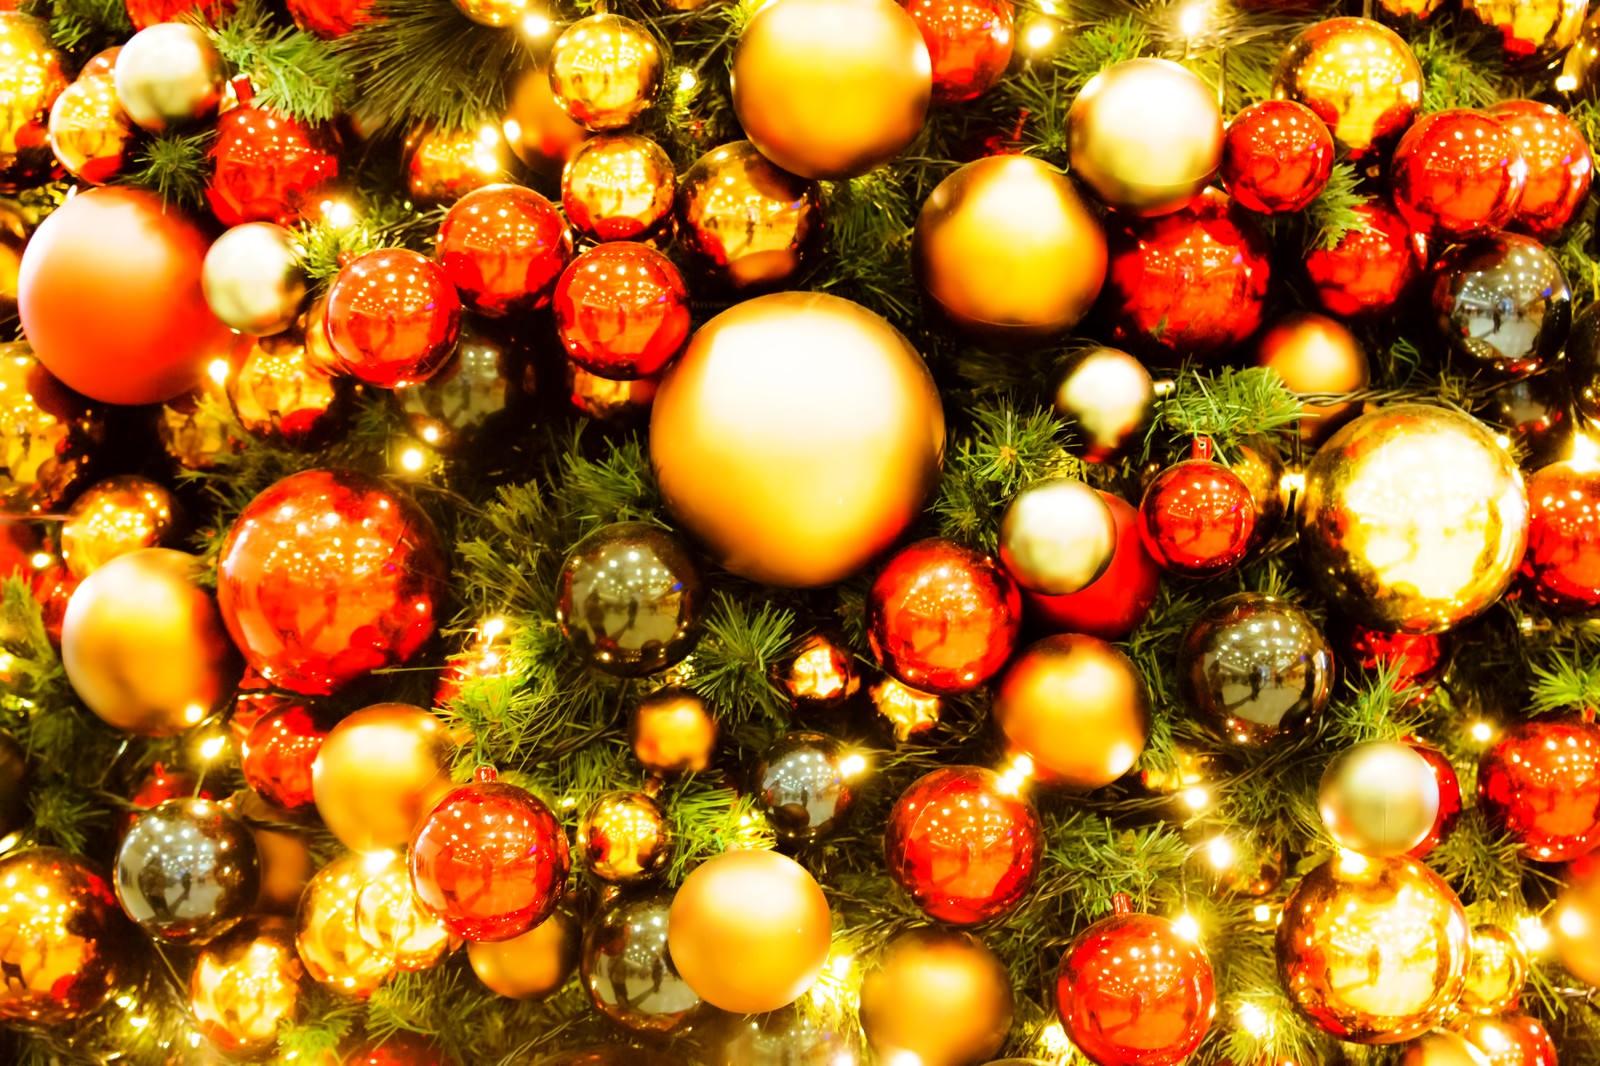 クリスマスの飾り無料の写真素材はフリー素材のぱくたそ